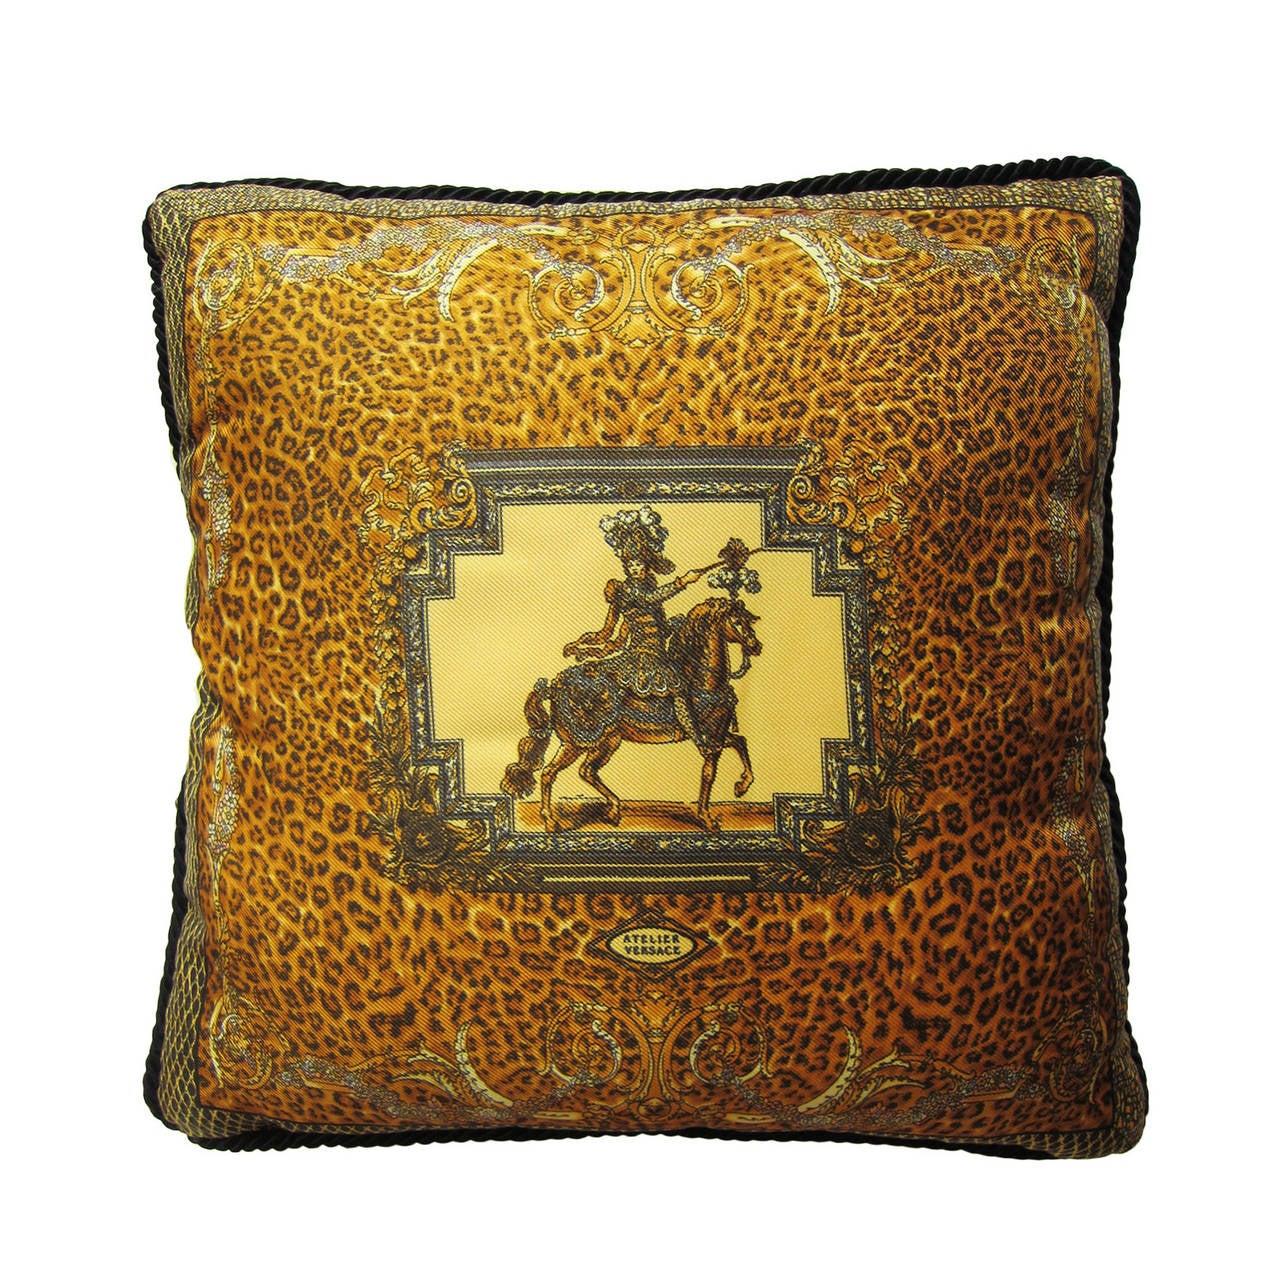 Atelier Versace Silk Pillow Leopard At 1stdibs